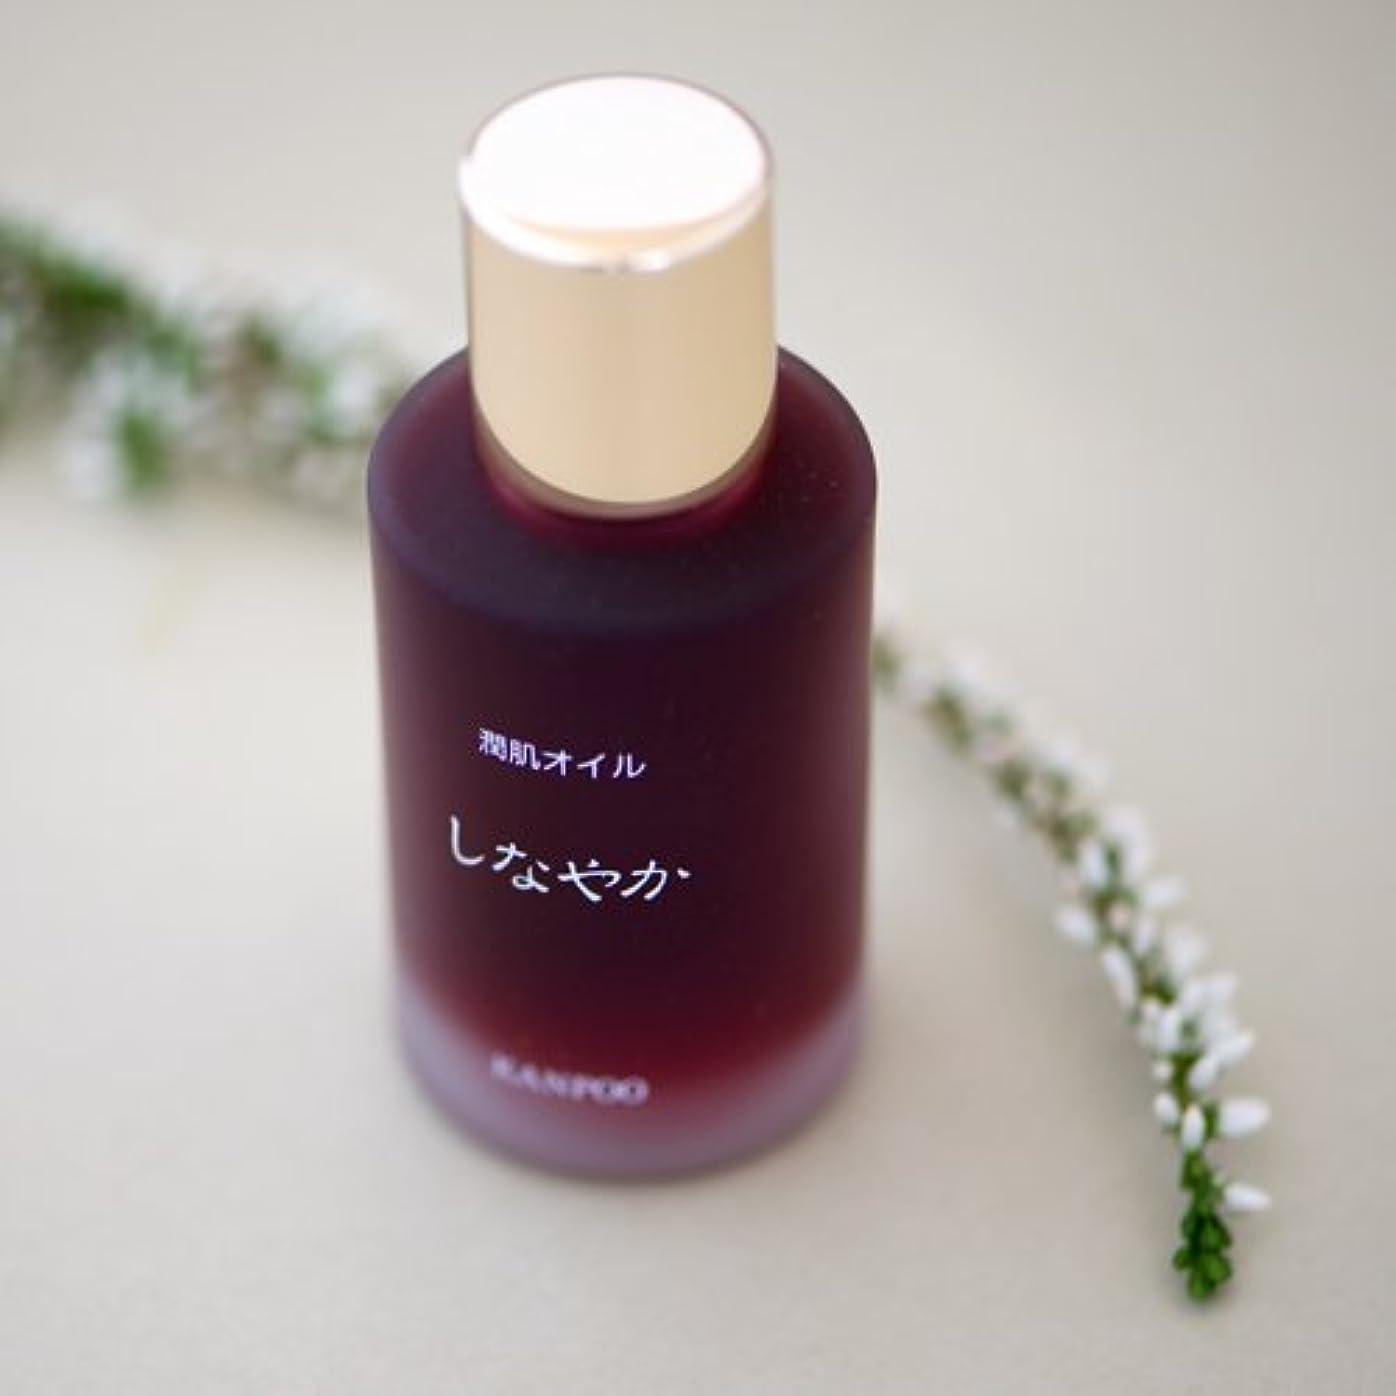 取り囲む市の花バイアス漢萌(KANPOO) ニッポンの手造り美容オイル(しなやか) 30ml